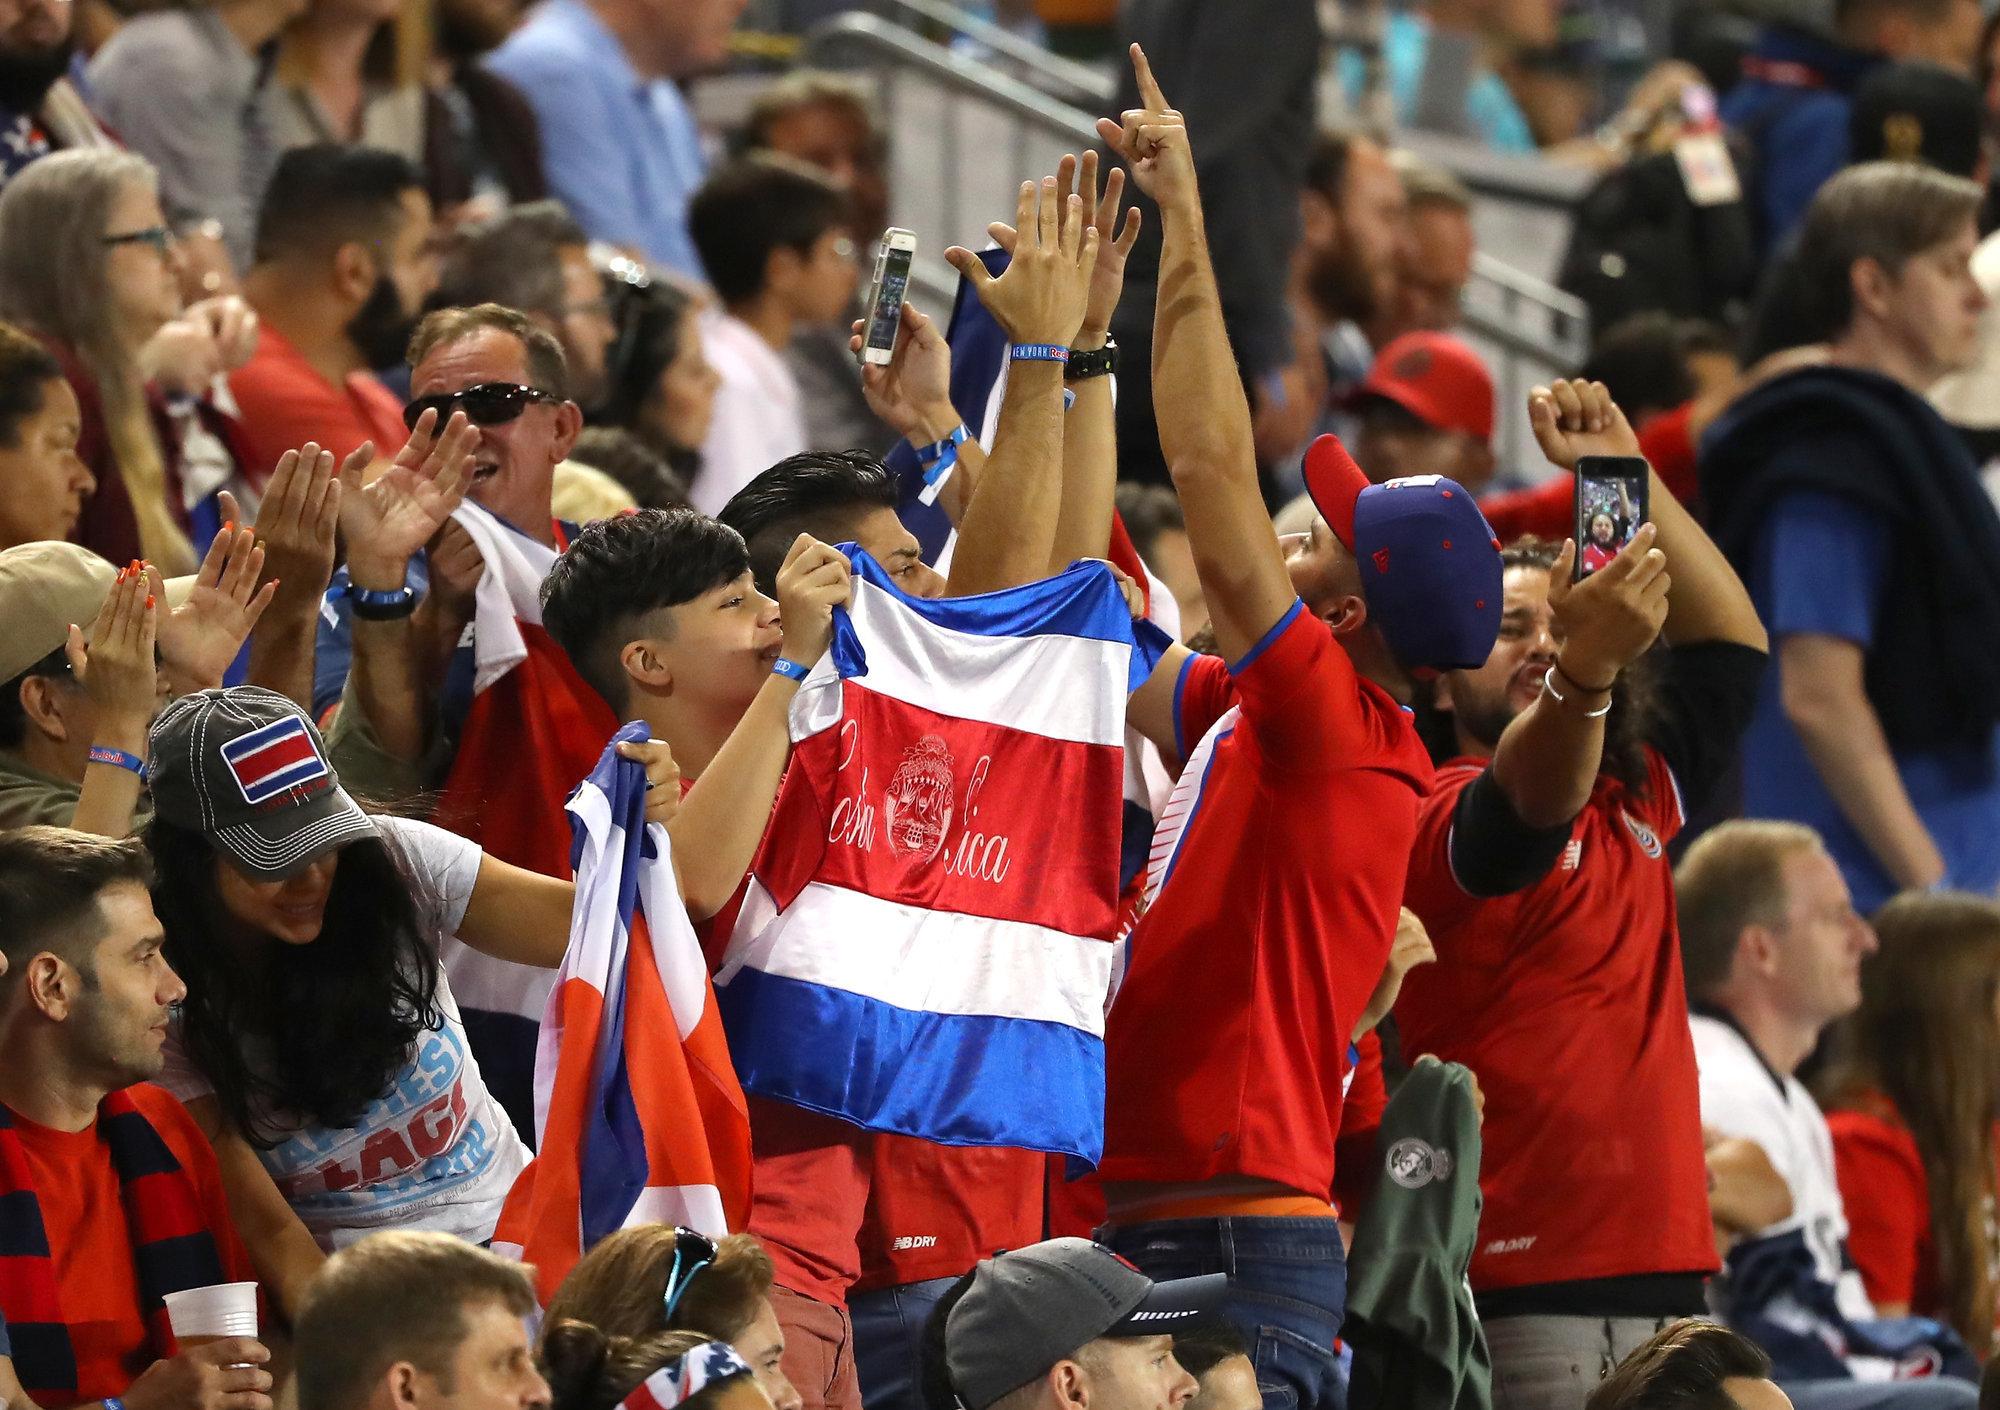 Матч Коста-Рика— Сербия собрал настадионе вСамаре неменее 41 тыс. наблюдателей